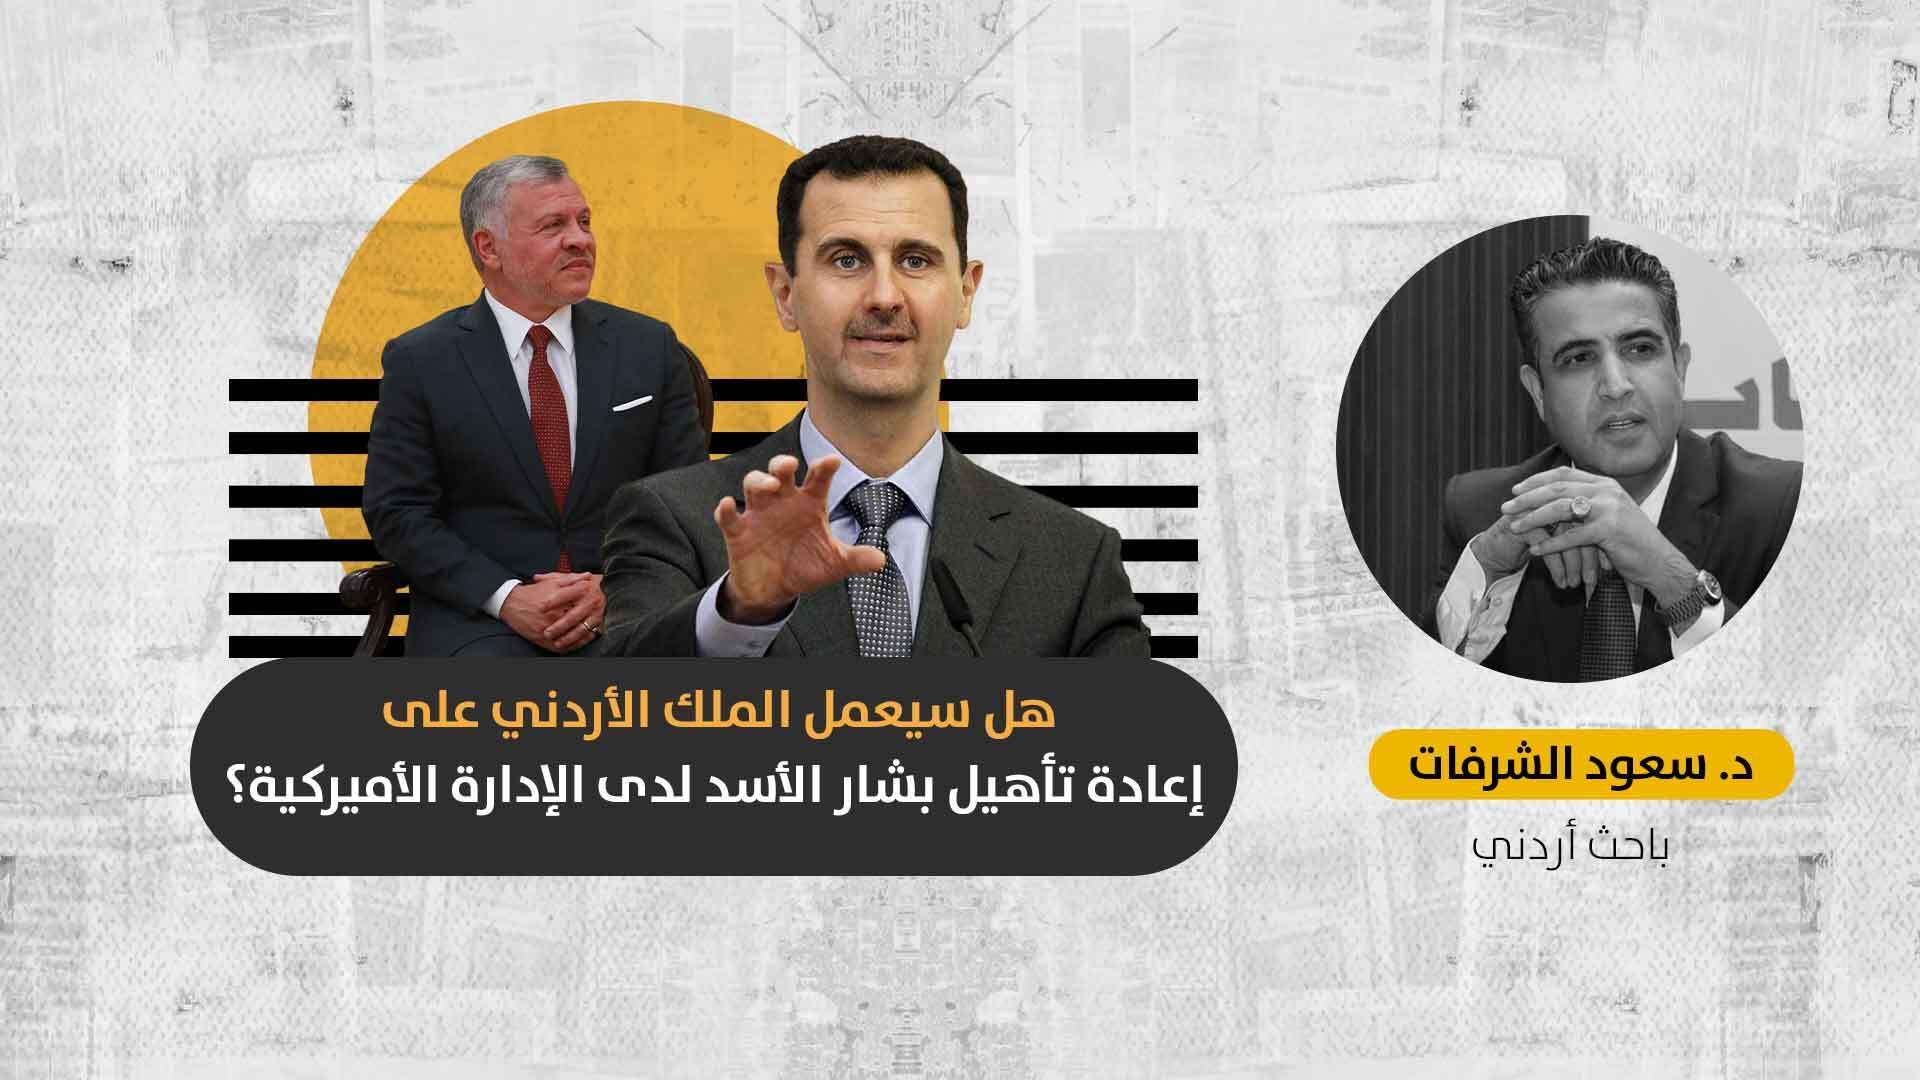 أول زعيم عربي في واشنطن: هل سيحمل الملك الأردني أوراق اعتماد الأسد والكاظمي إلى  الرئيس الأميركي؟